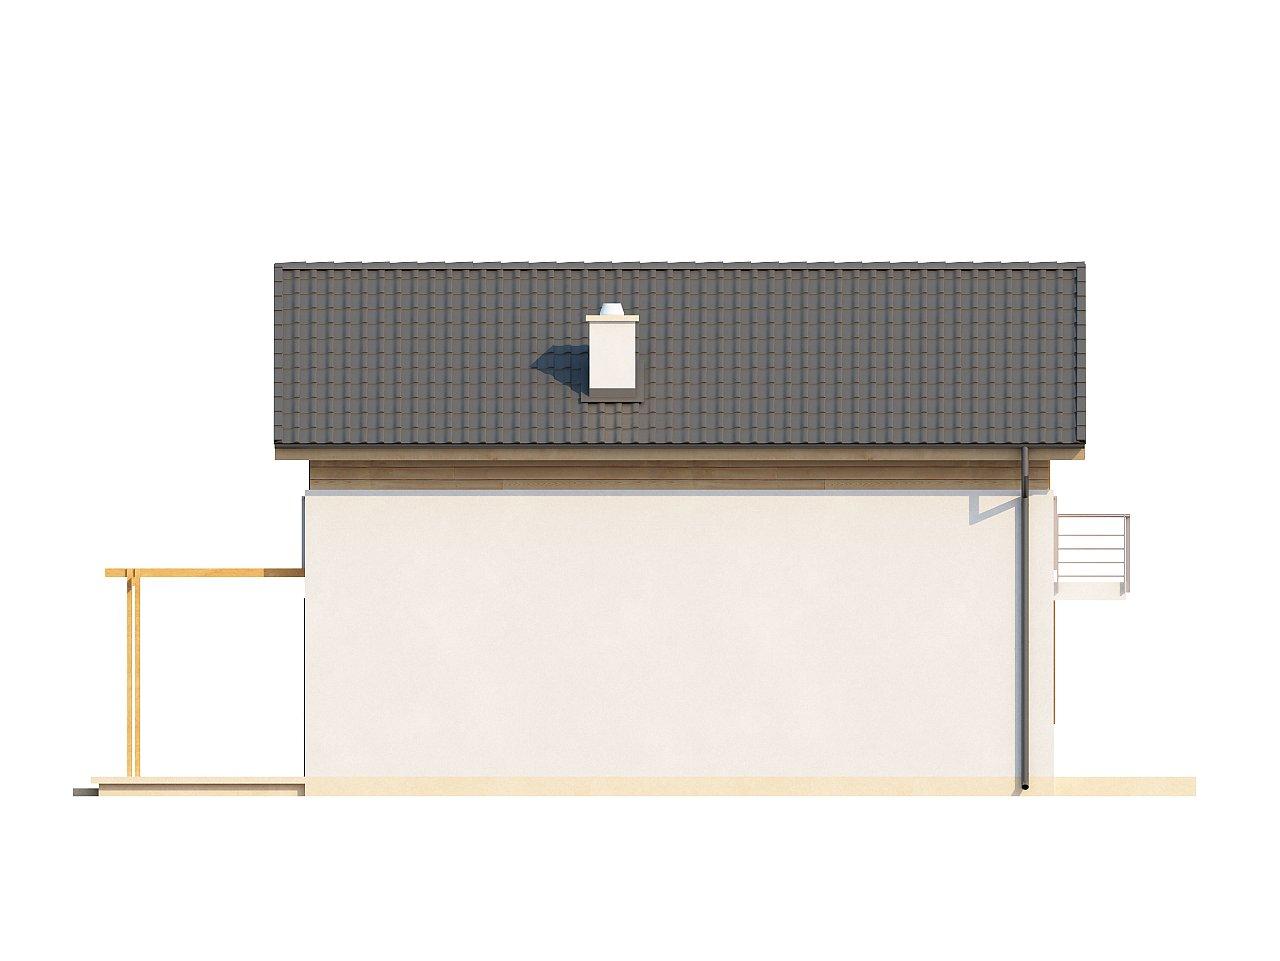 Простой и удобный дом для узкого участка с высокой аттиковой стеной. - фото 15